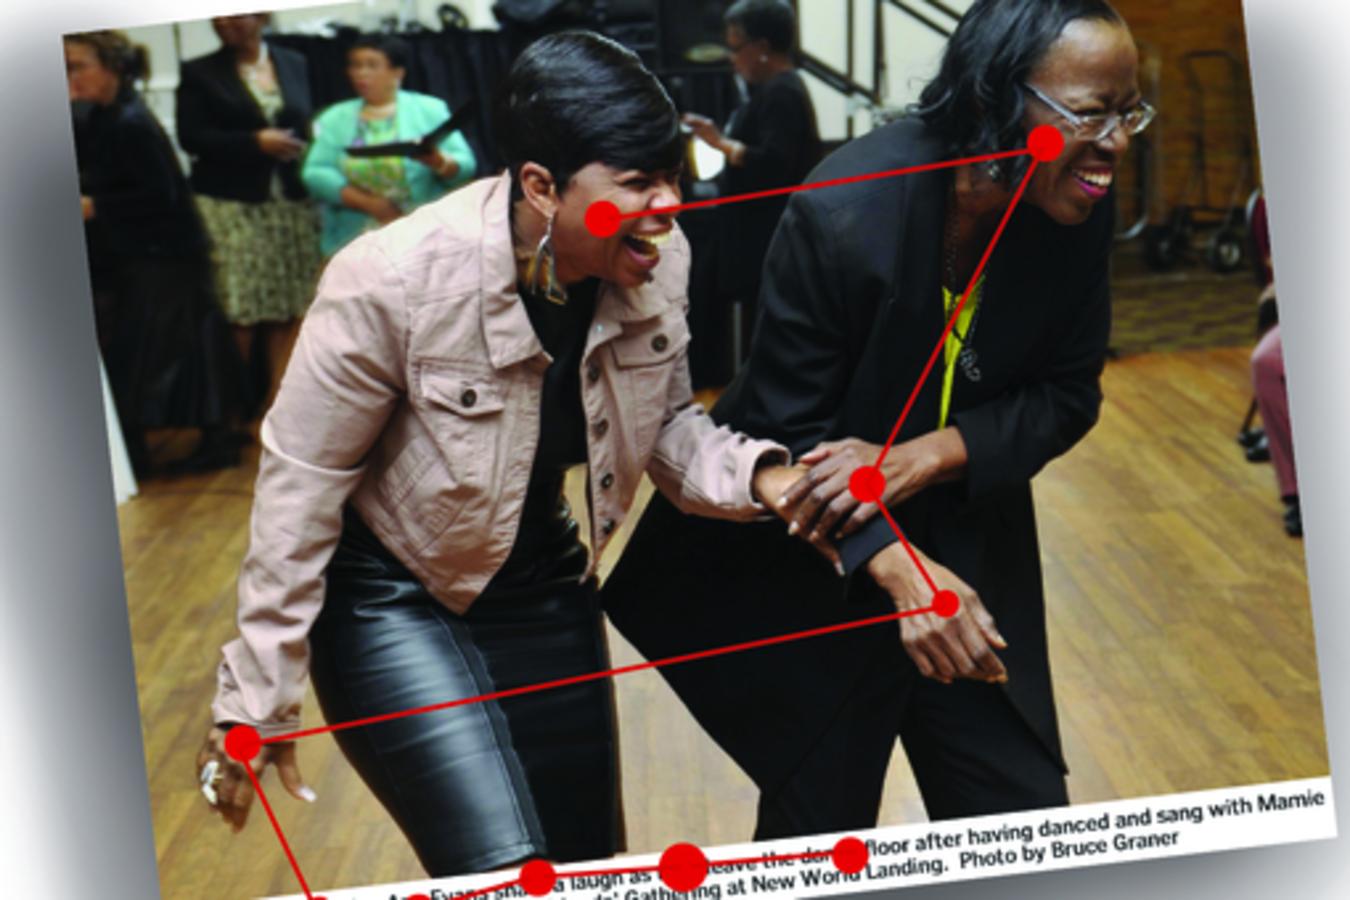 Fotogiornalismo professionale VS Citizen Journalism: chi vincerà? (2/3)